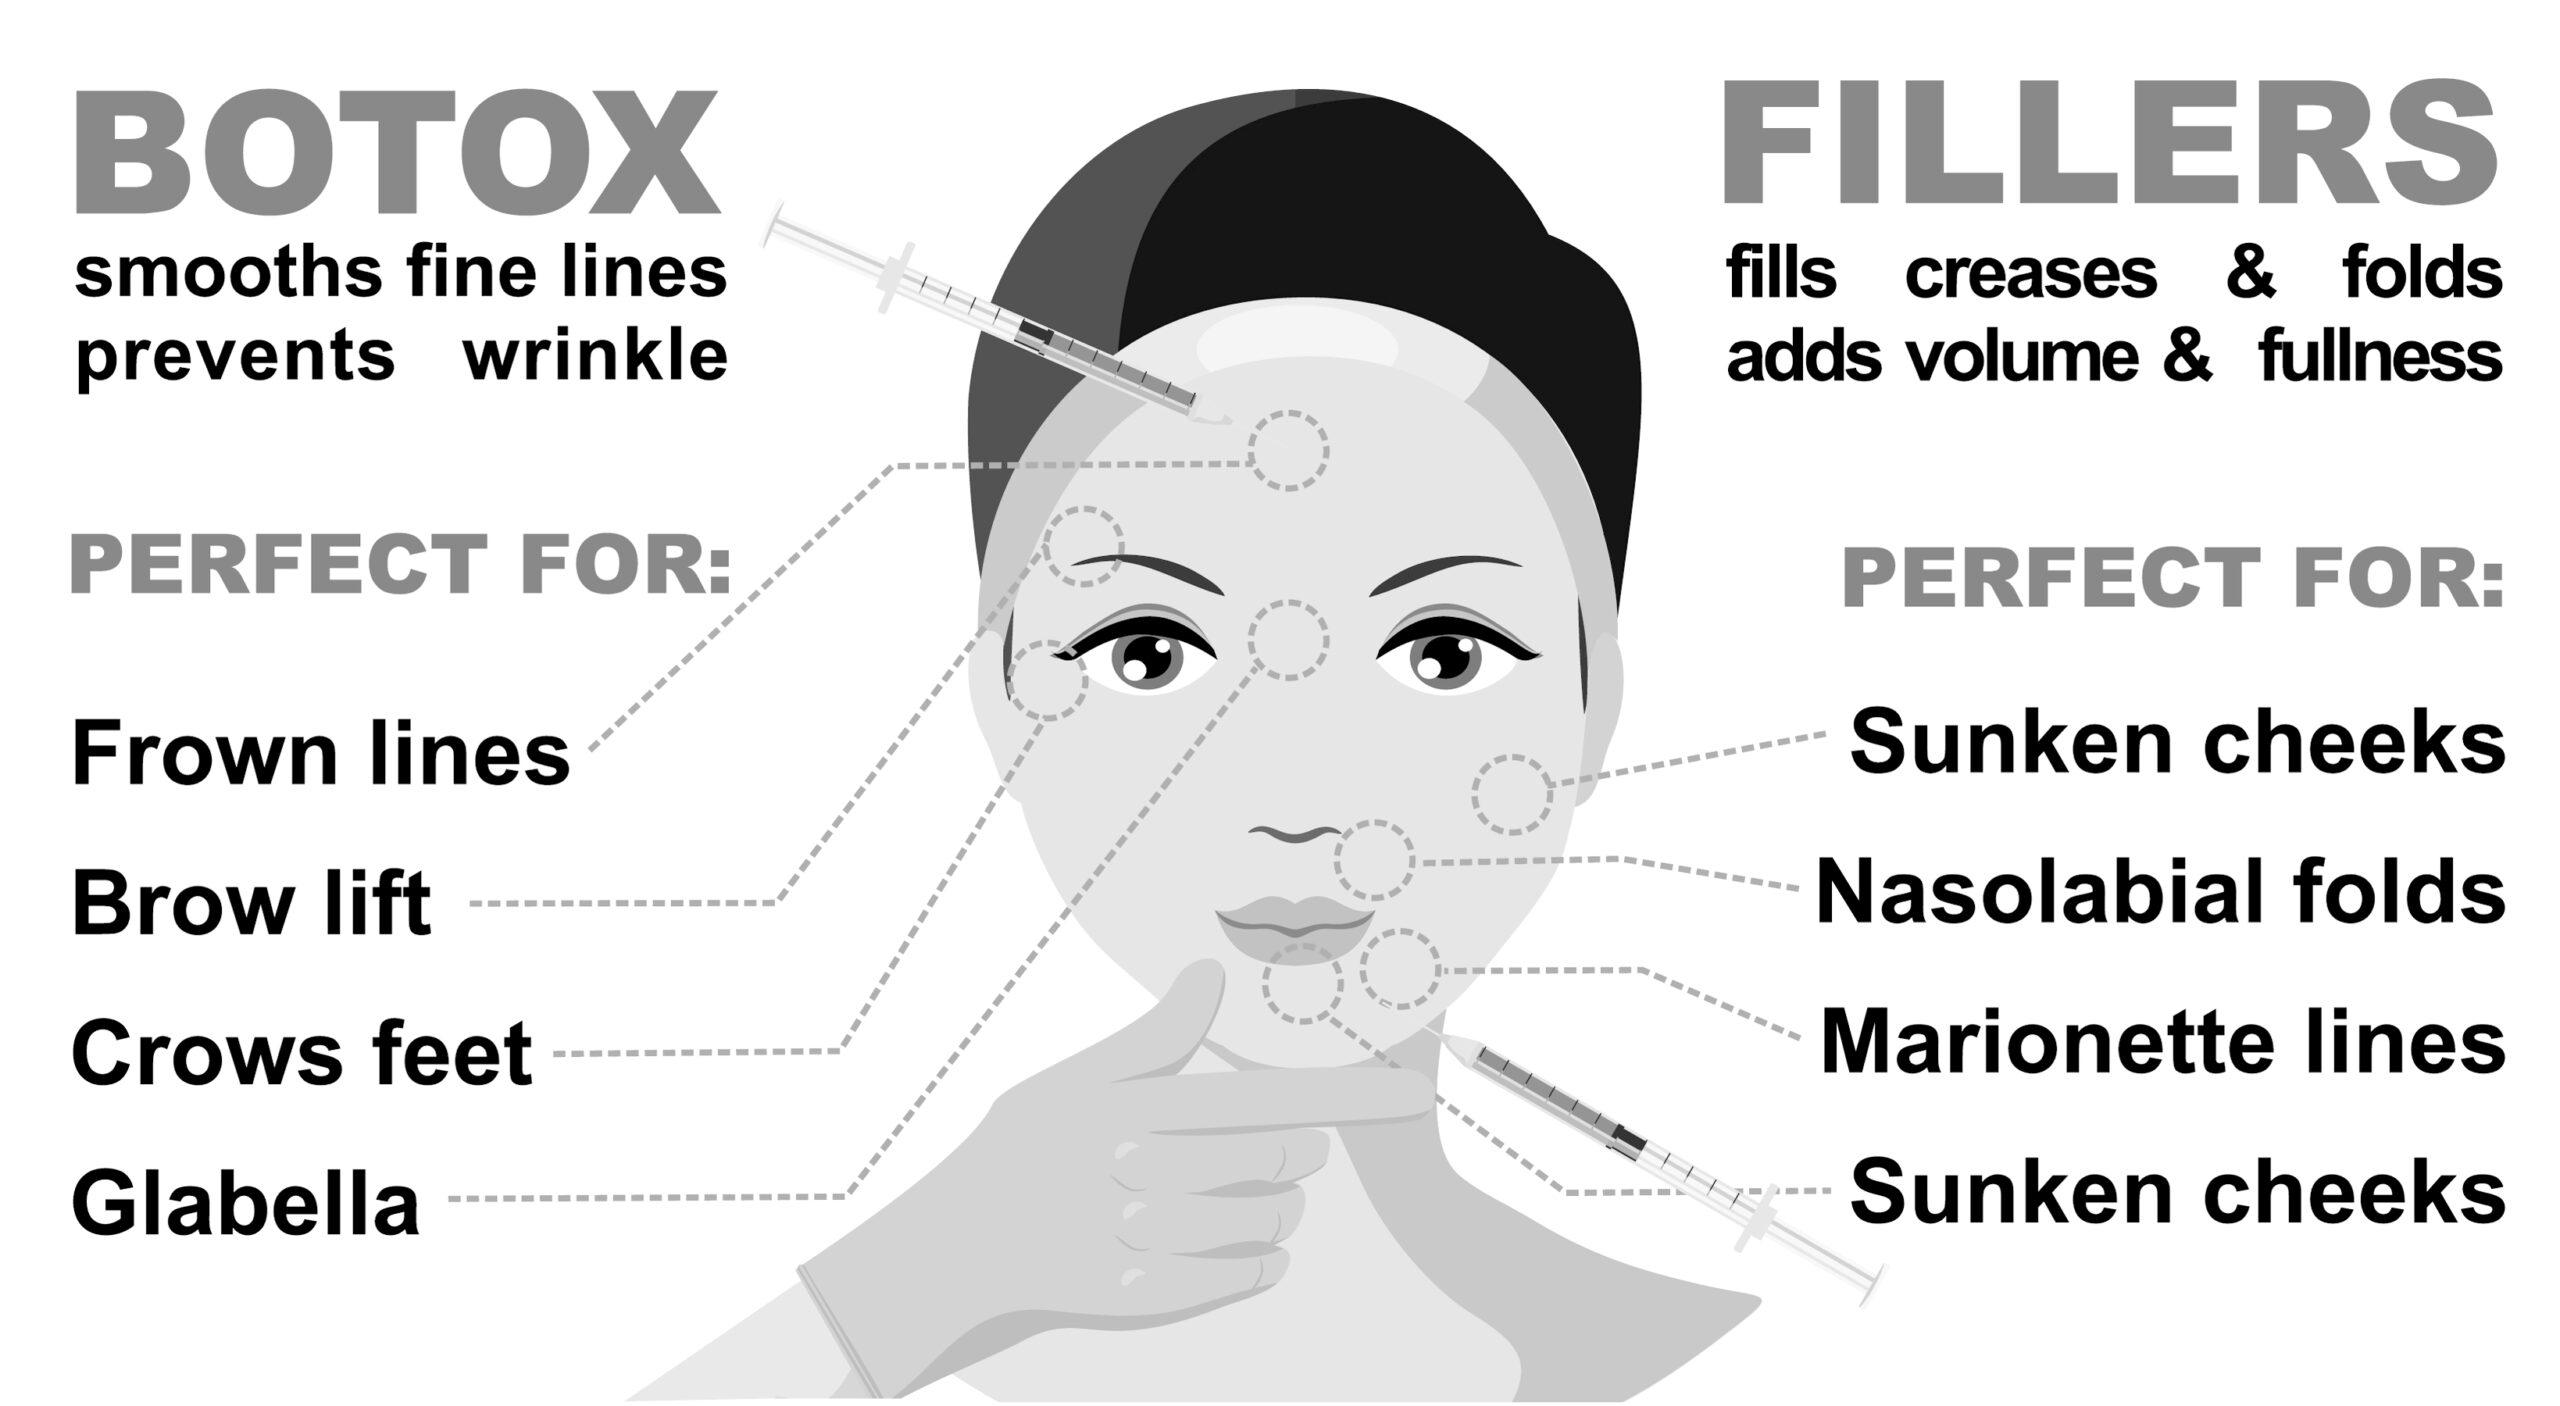 Skincare Atlanta – Botox and Fillers